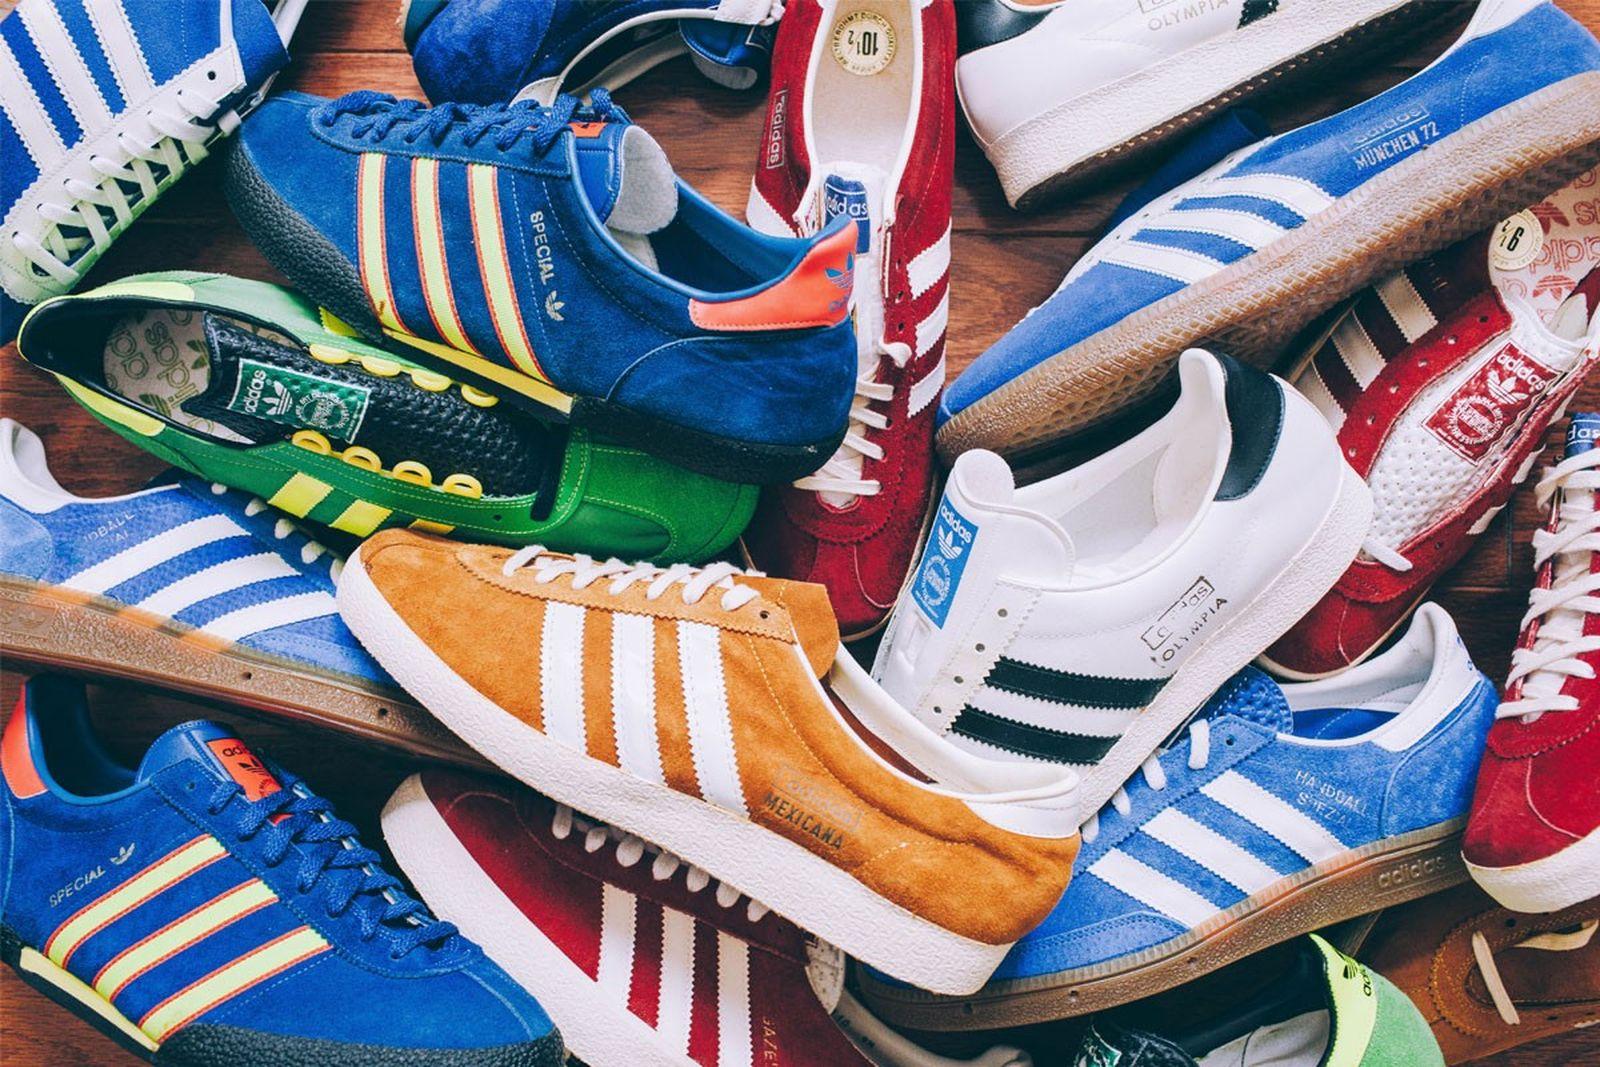 terrace footwear sneaker history Adidas diadora